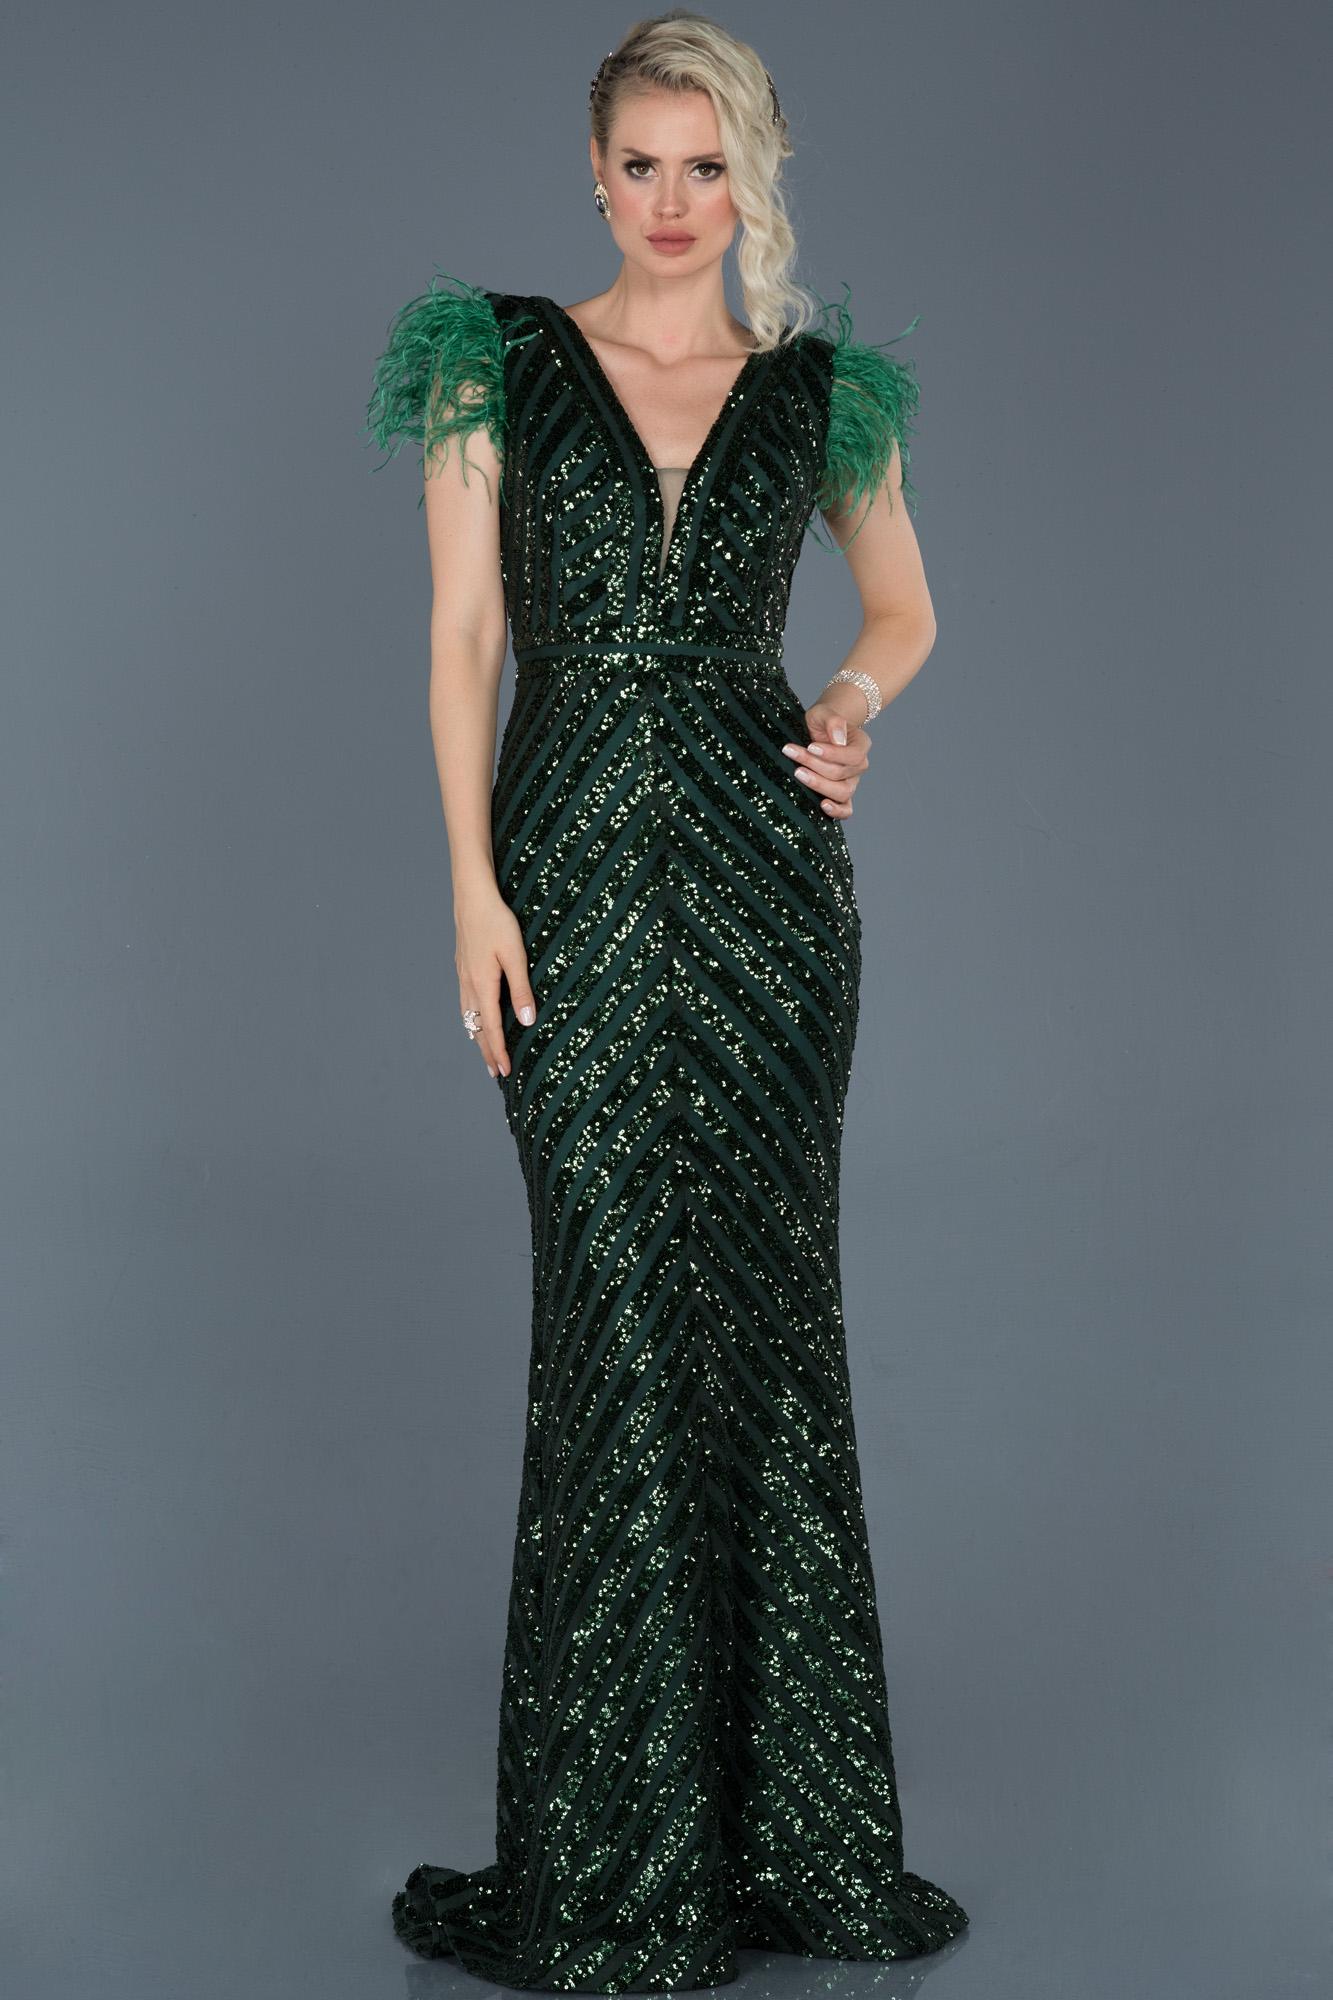 Zümrüt Yeşili Uzun Pul Işlemeli Otrişli Abiye Elbise